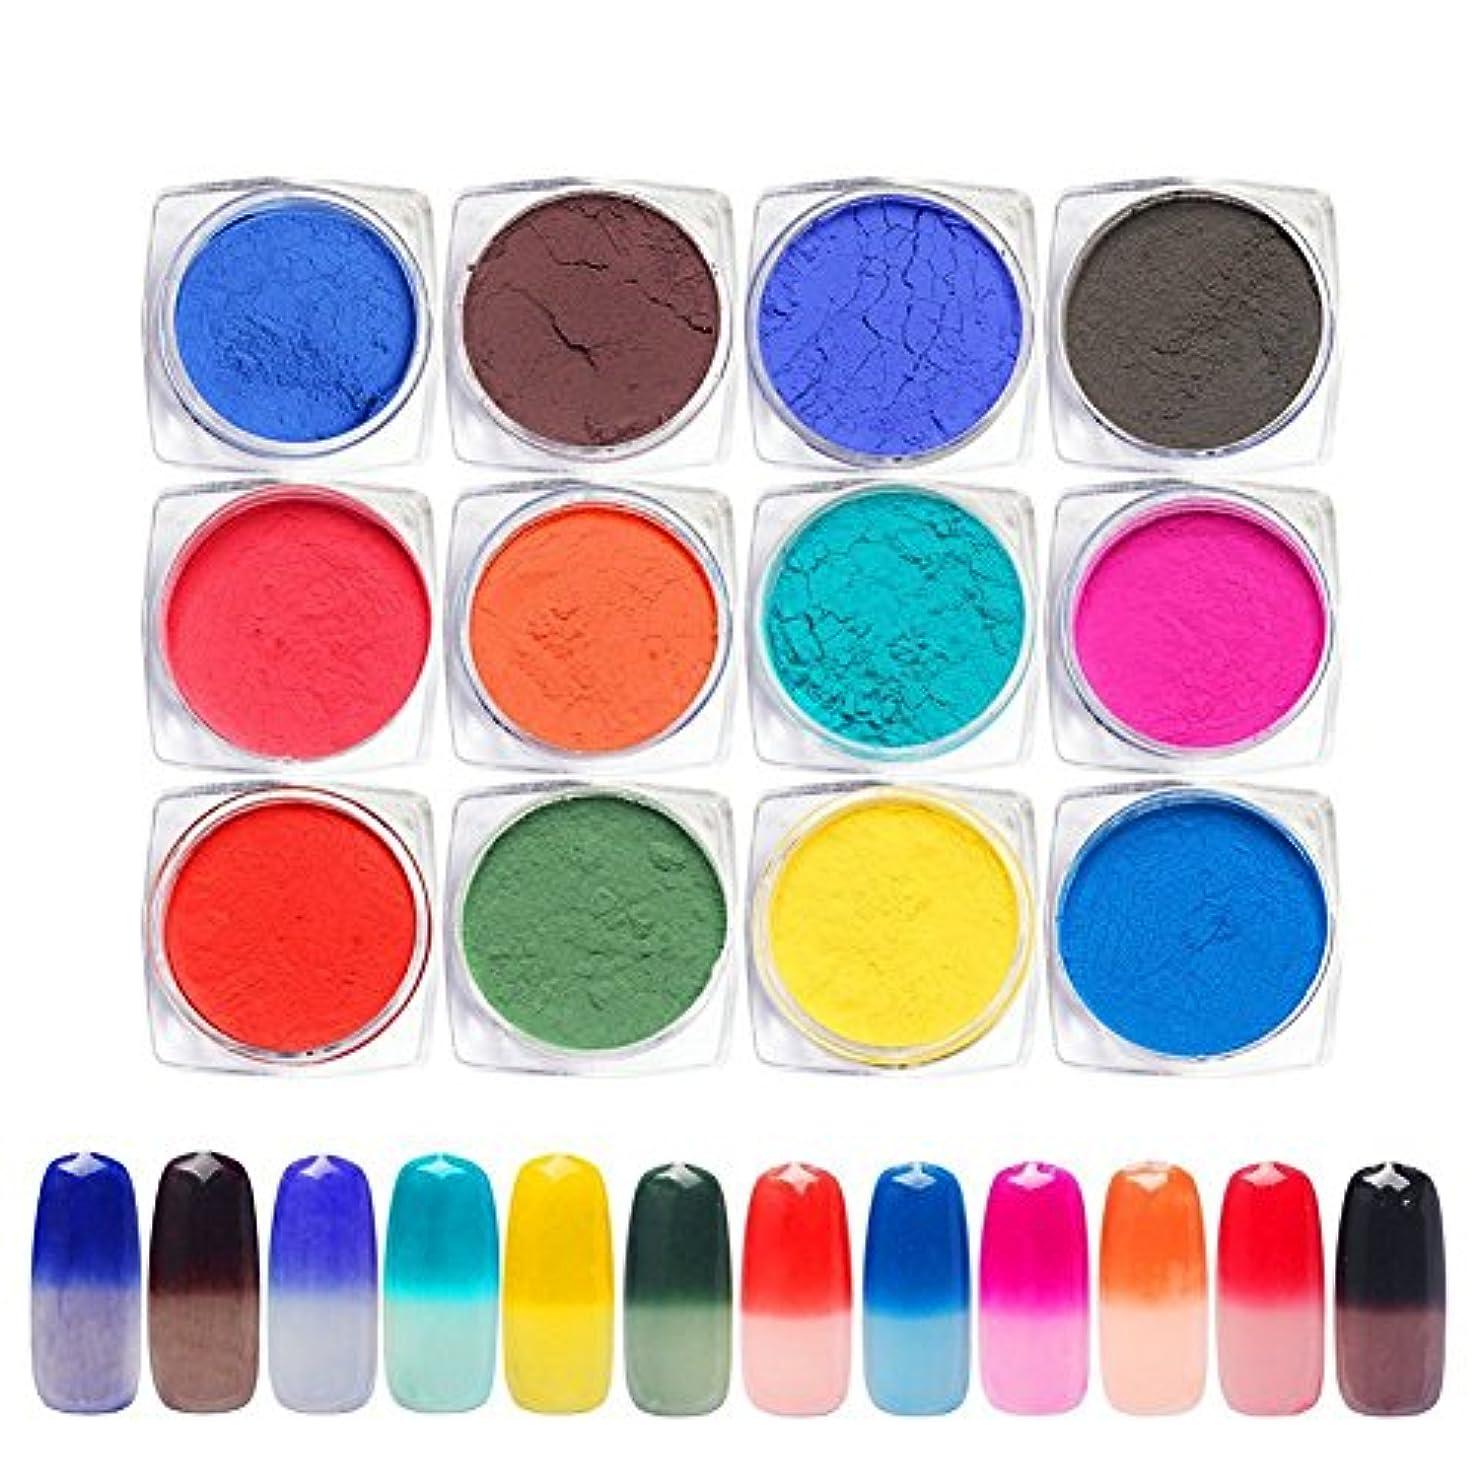 ベギン低い不足12色セット 変色パウダー温度により色が変わりるネイルパウダーネイルアートネイルデザインネイルデコアクセサリー